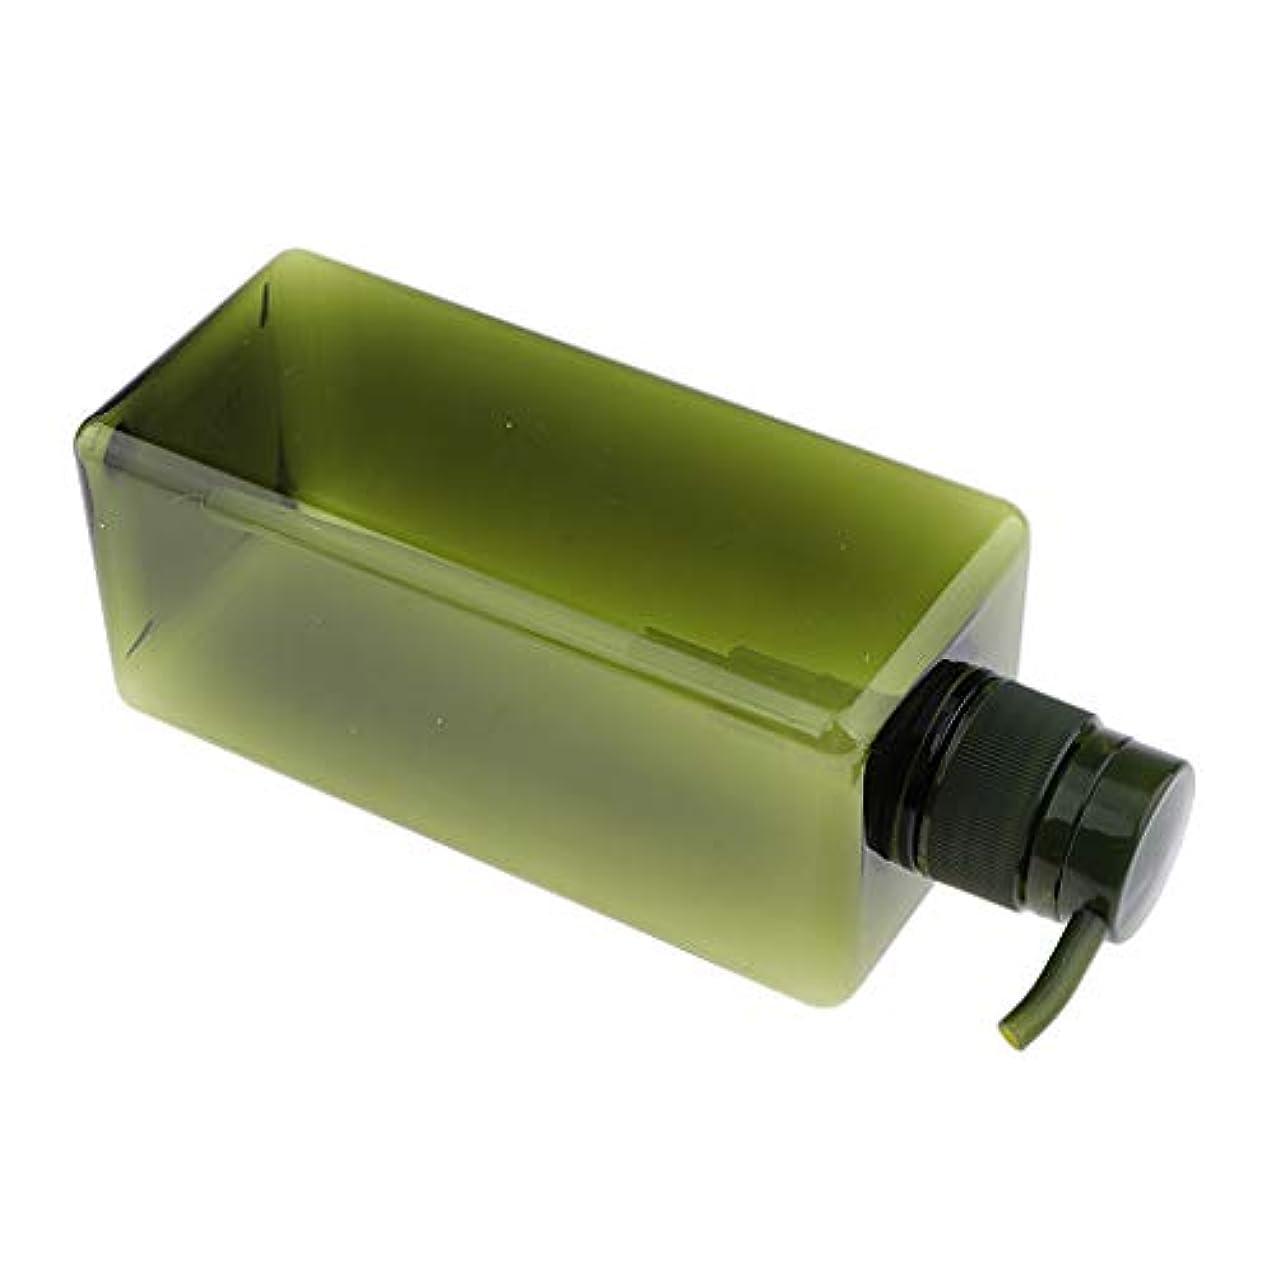 ペースト漏斗つぼみB Baosity ソープディスペンサー ローションボトル シャンプーコンテナ 650ml 高品質 プラスチック 4色選べ - グリーン